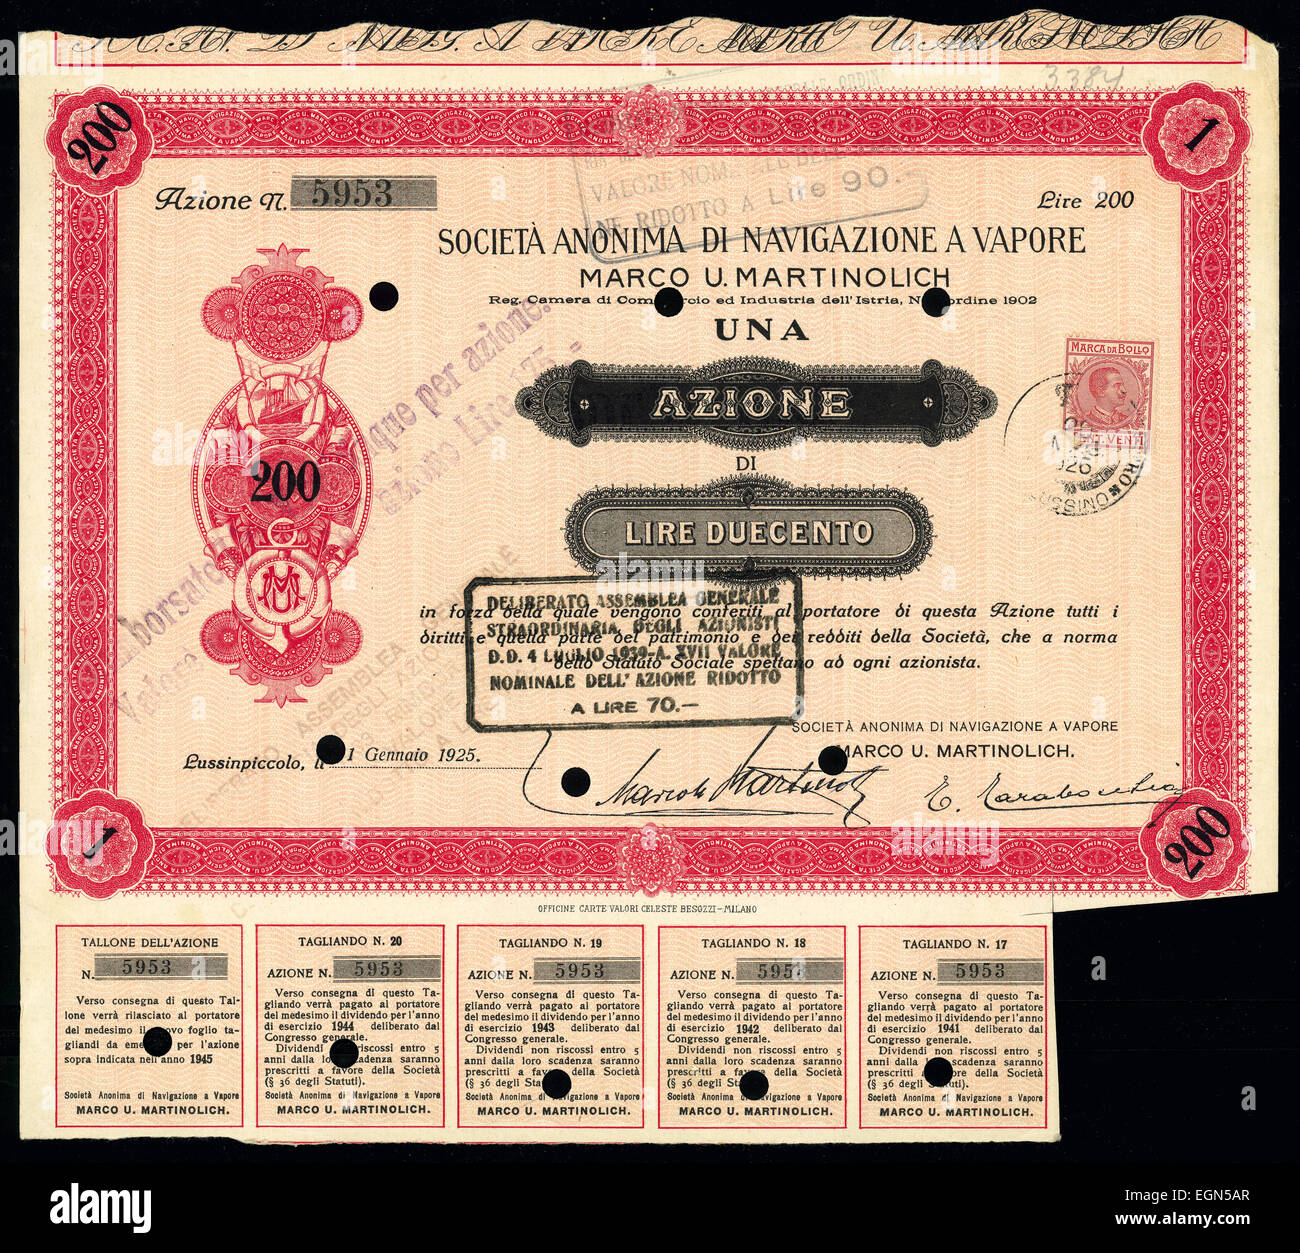 Stock certificate of Italian Societa anonima di navigazione a vapore azione - Stock Image